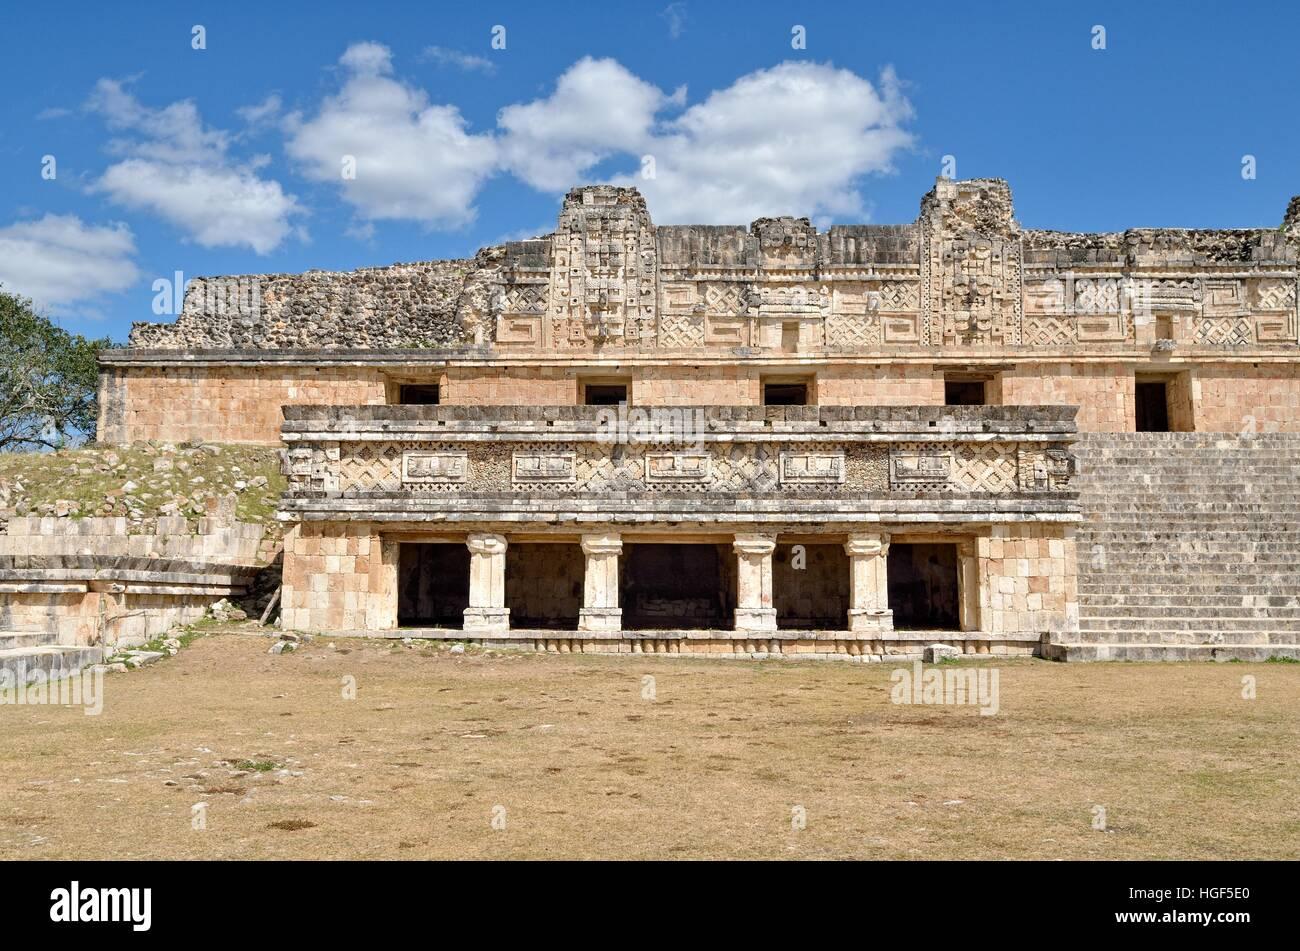 Cuadrangulo de las Monjas, Nun's Quadrangle, ancient Mayan city of Uxmal, Yucatan, Mexico - Stock Image